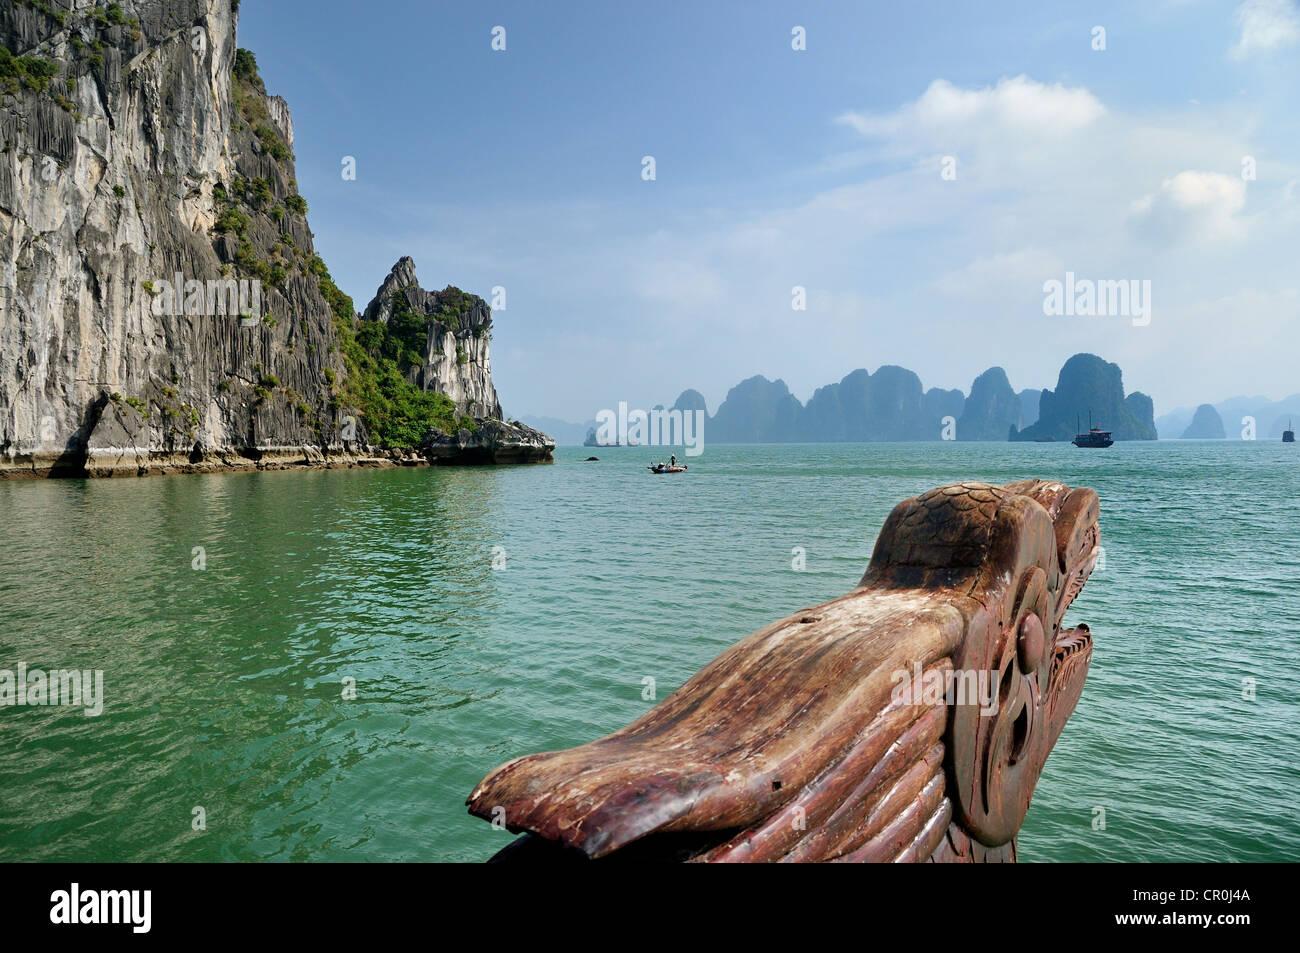 La sculpture sur bois, tête de dragon à la proue sur une jonque Halong Bay, à l'arrière Photo Stock